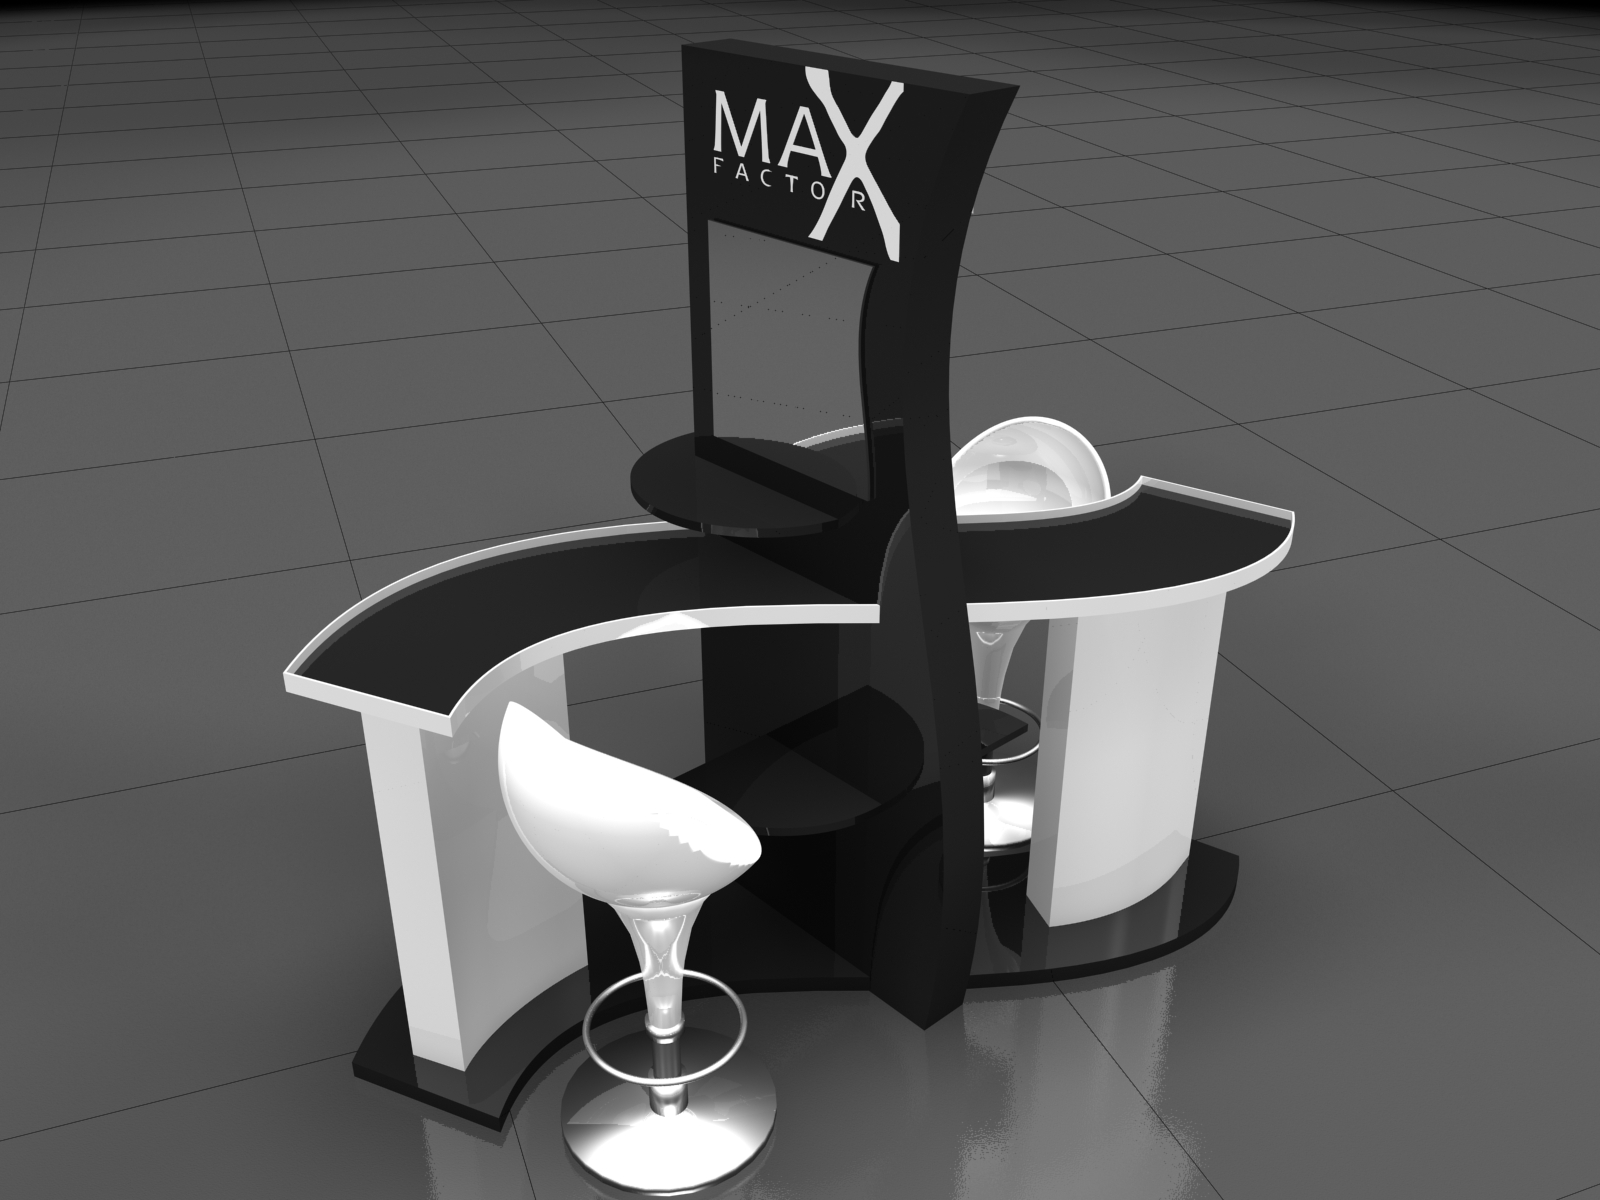 Дизайн проект промо стенда для компании Ривгош. Промо- Неделя моды Max Factor.